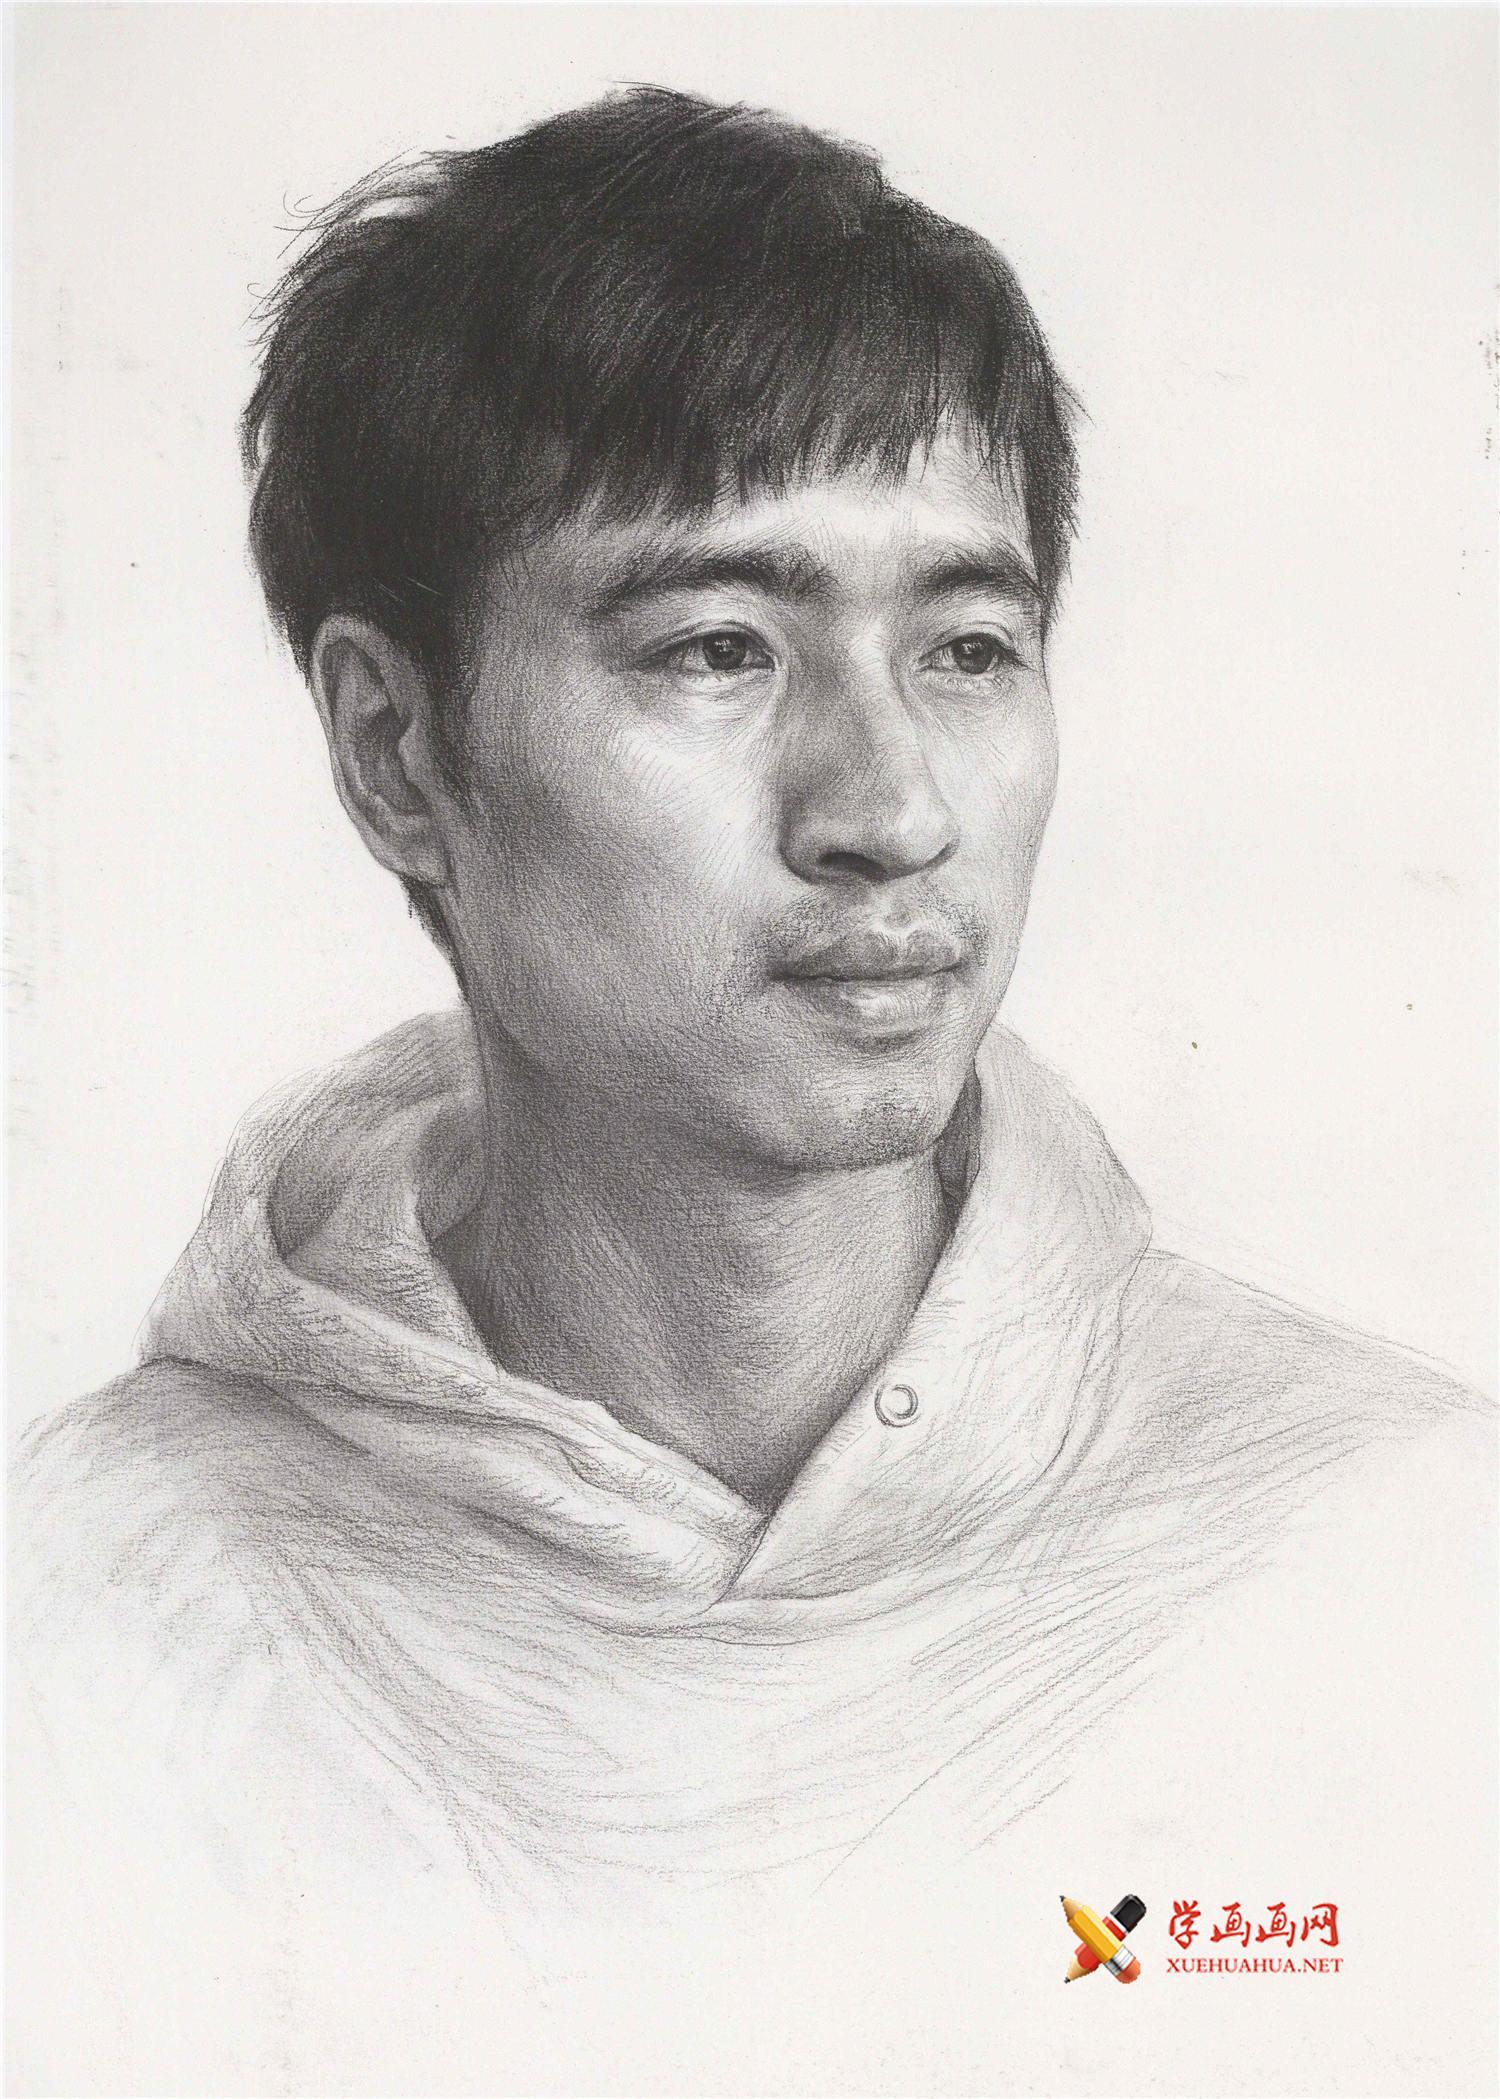 男青年素描头像高清图片作品欣赏(1)